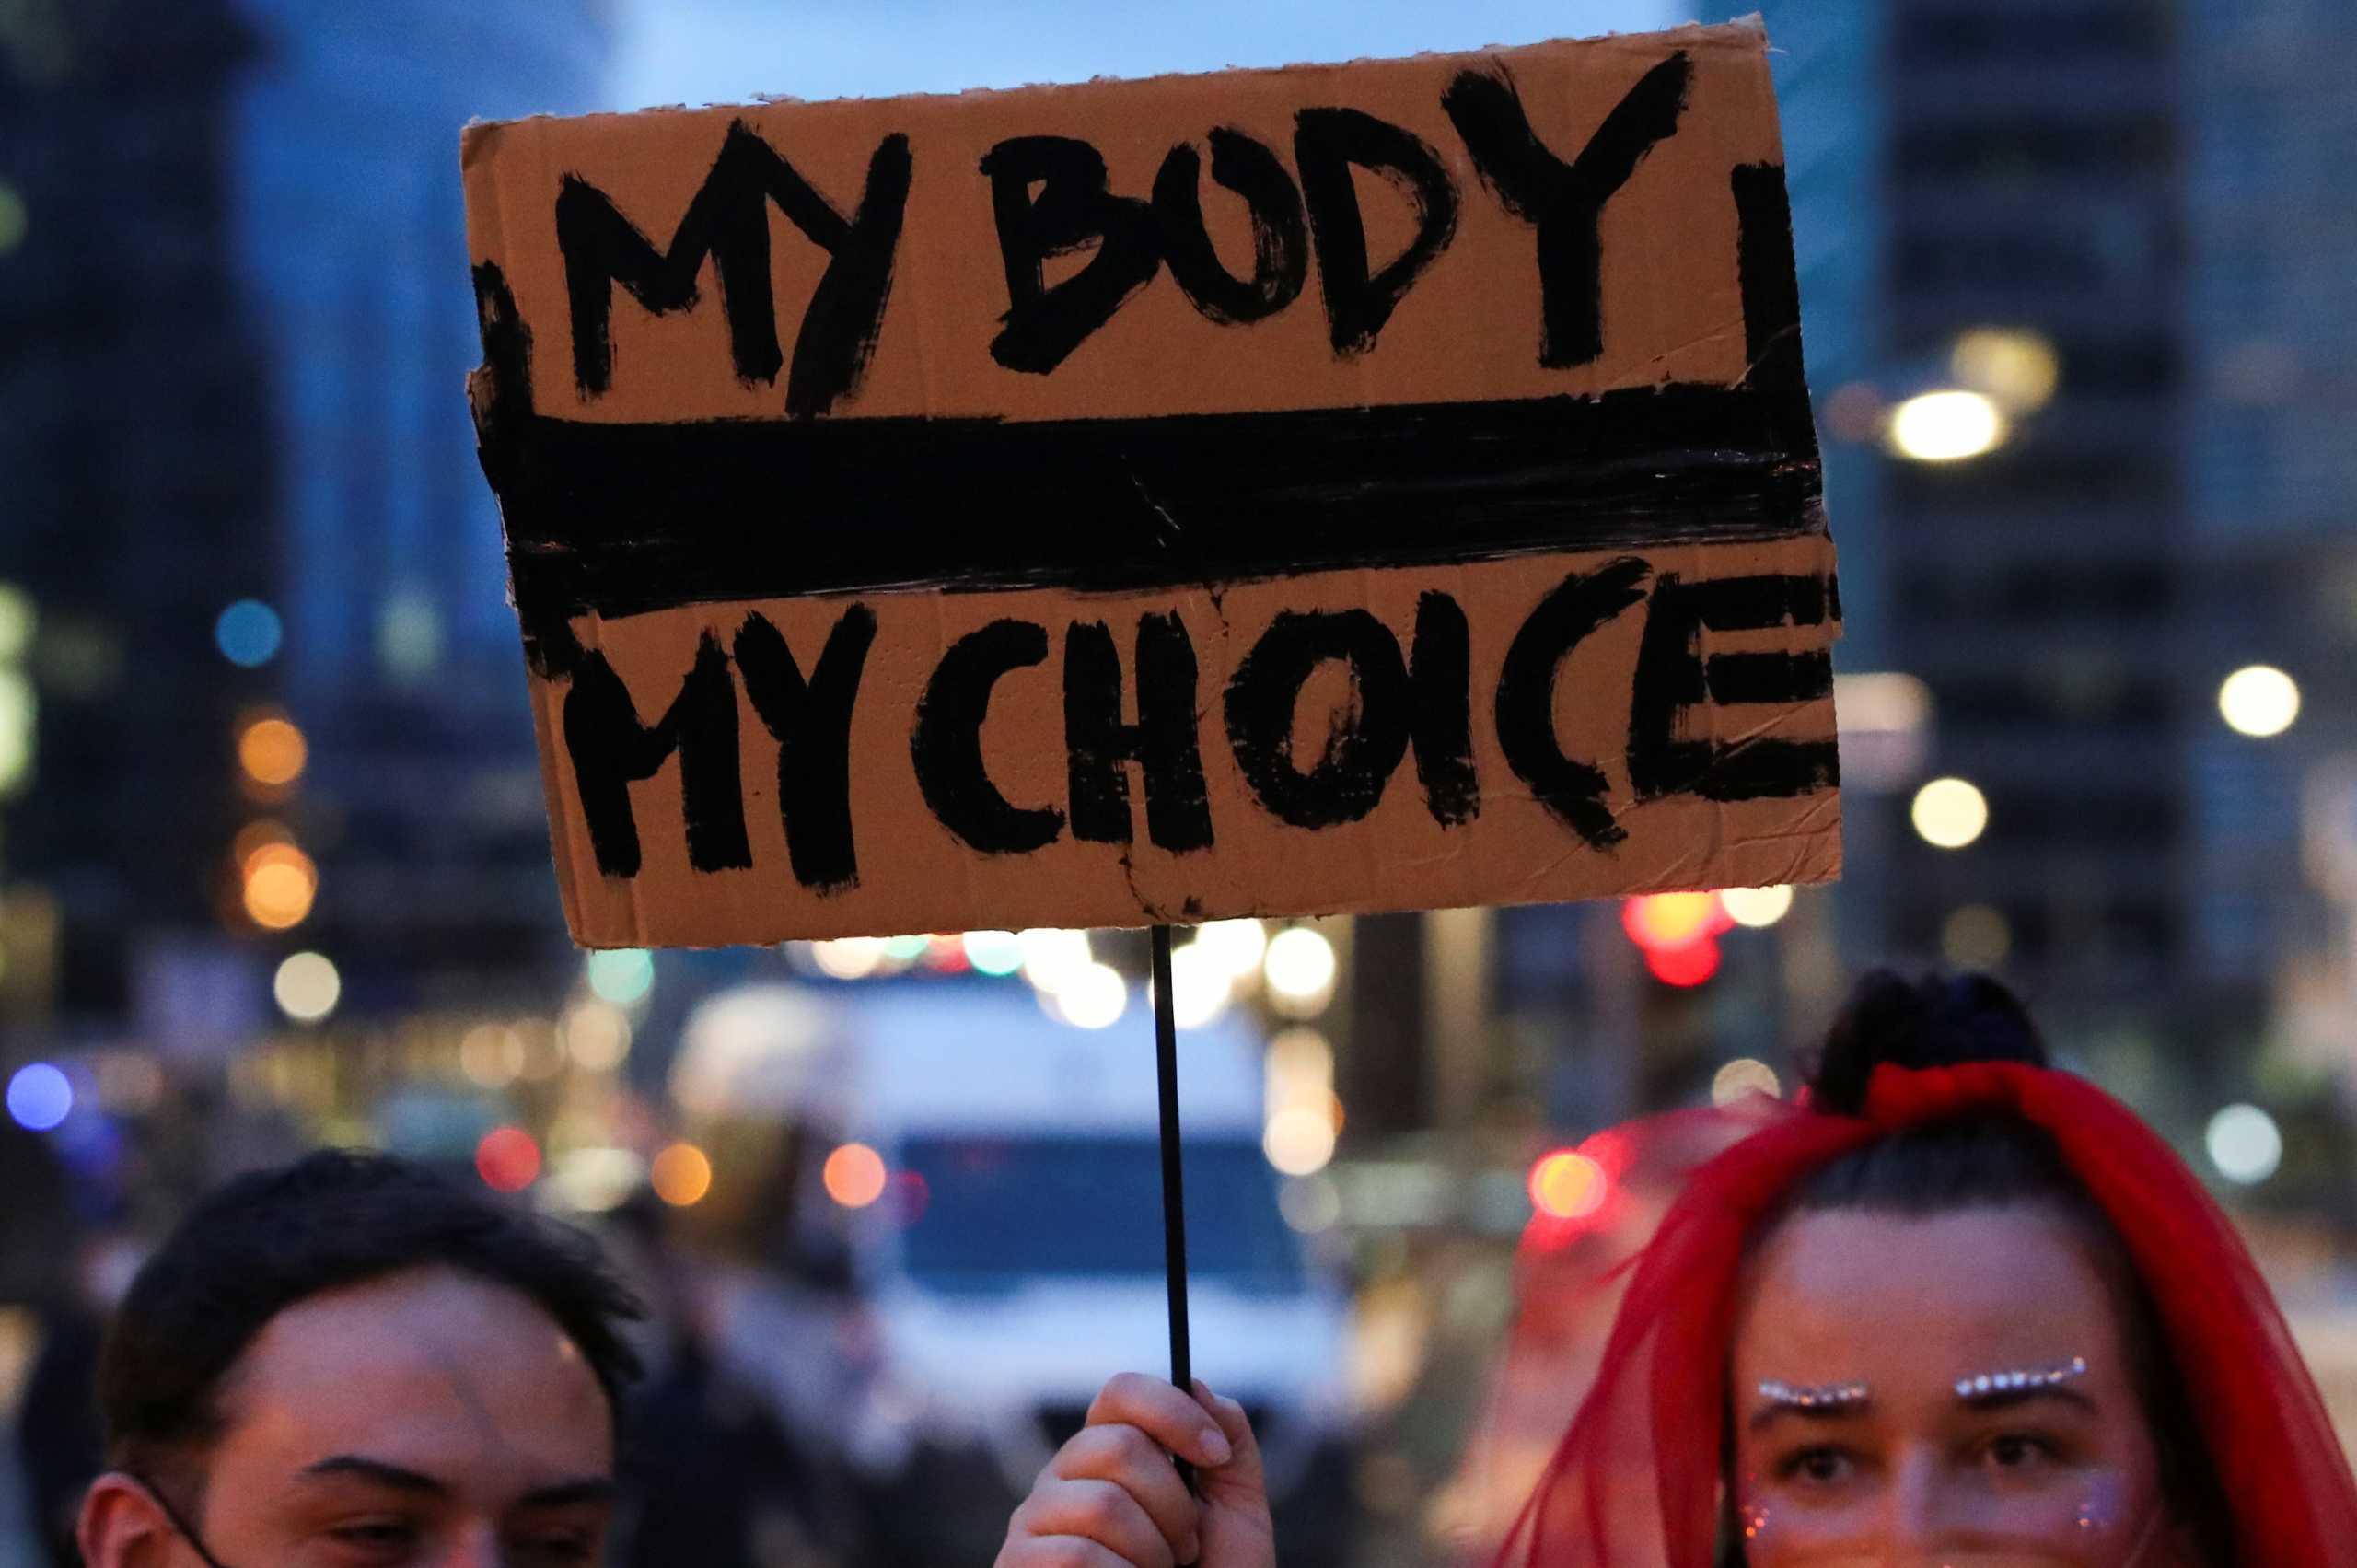 Άρκανσο: Απόφαση δικαστηρίου «μπλοκάρει» το νόμο που απαγορεύει τις αμβλώσεις